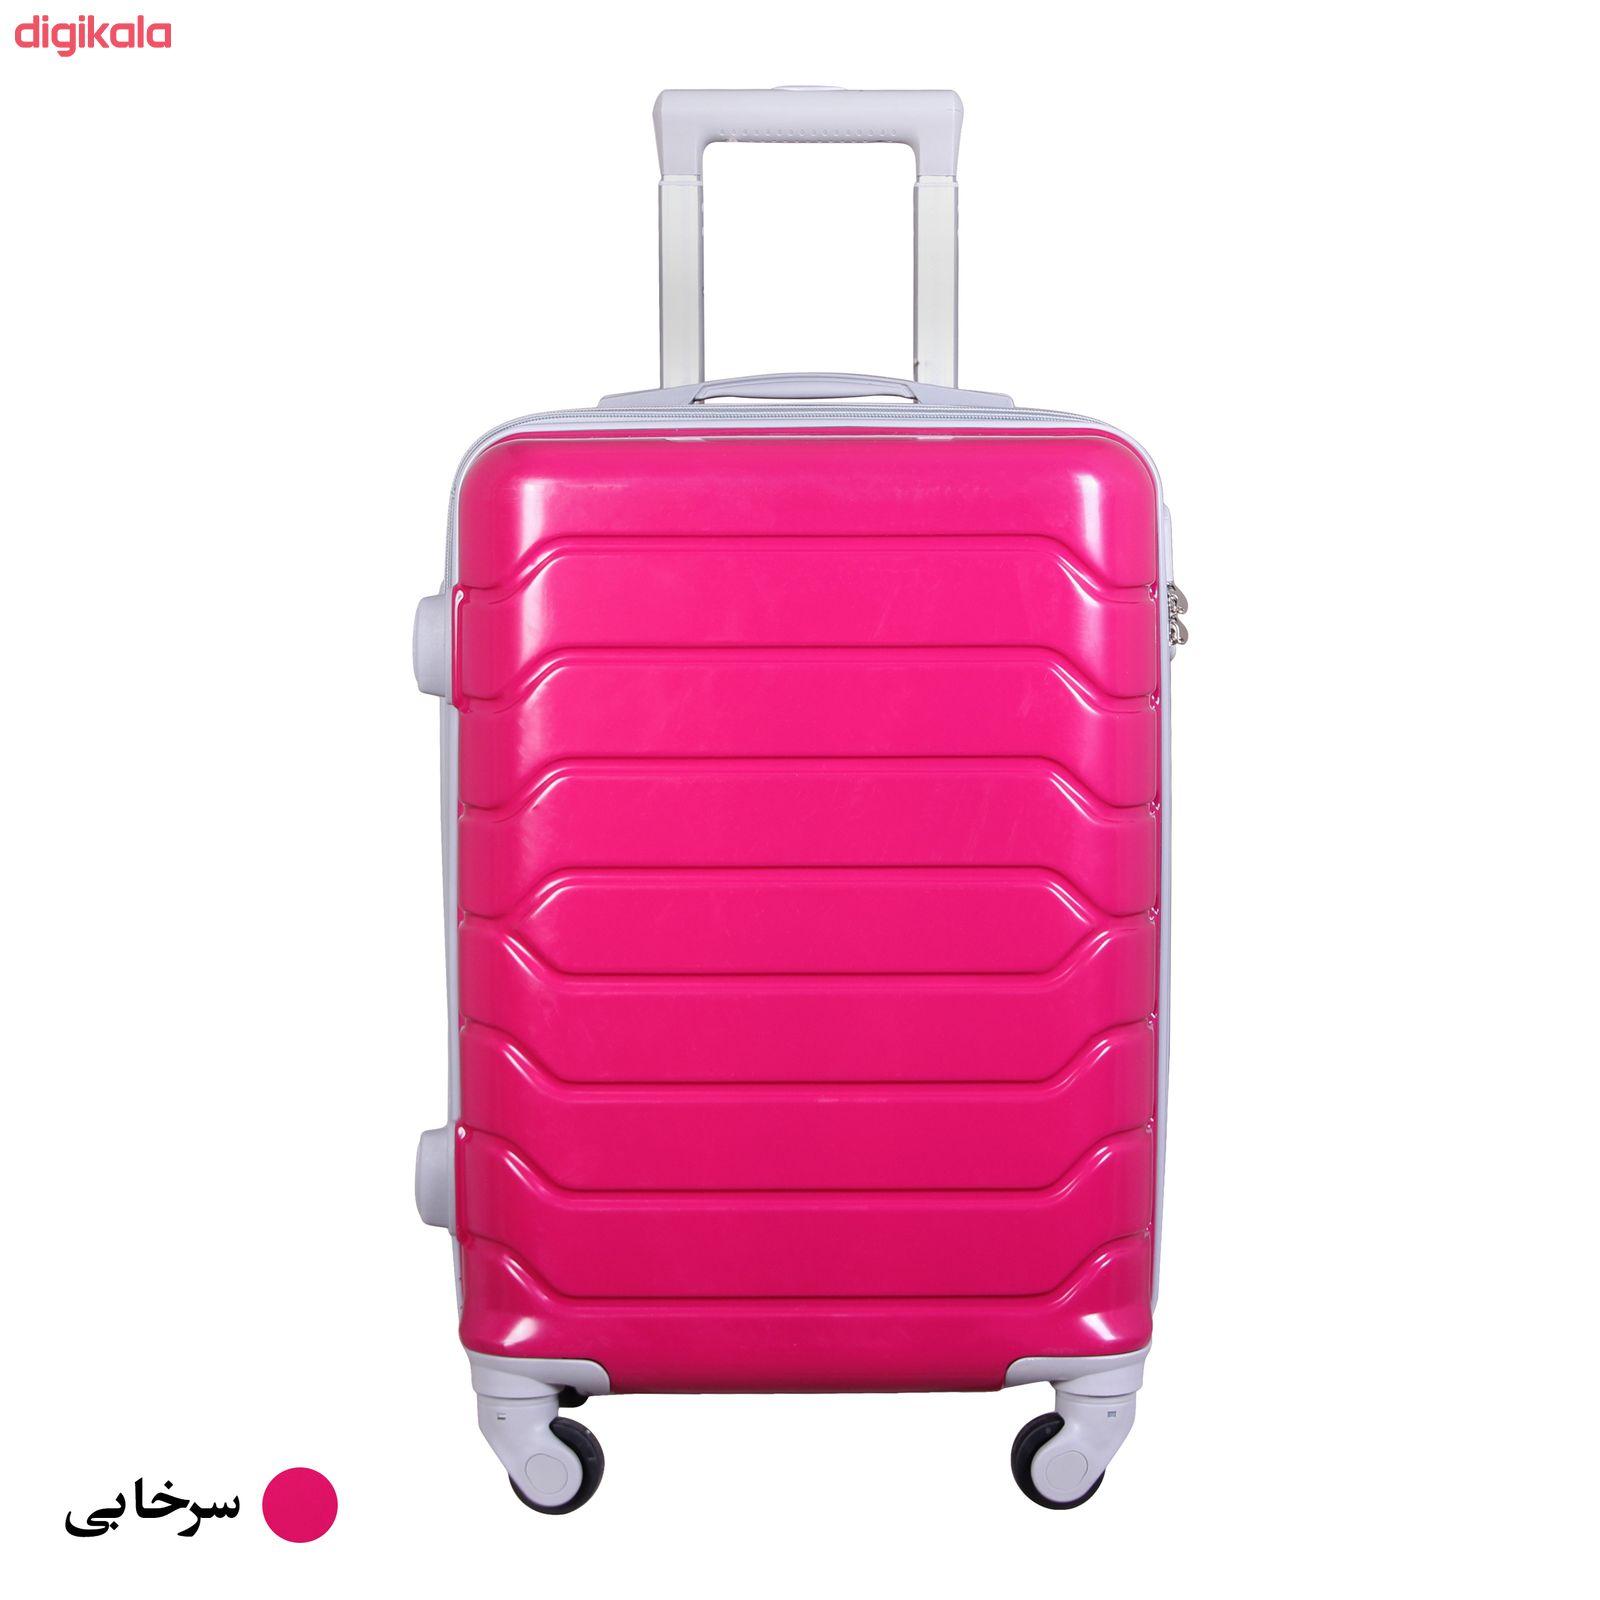 مجموعه سه عددی چمدان مدل 20020 main 1 5